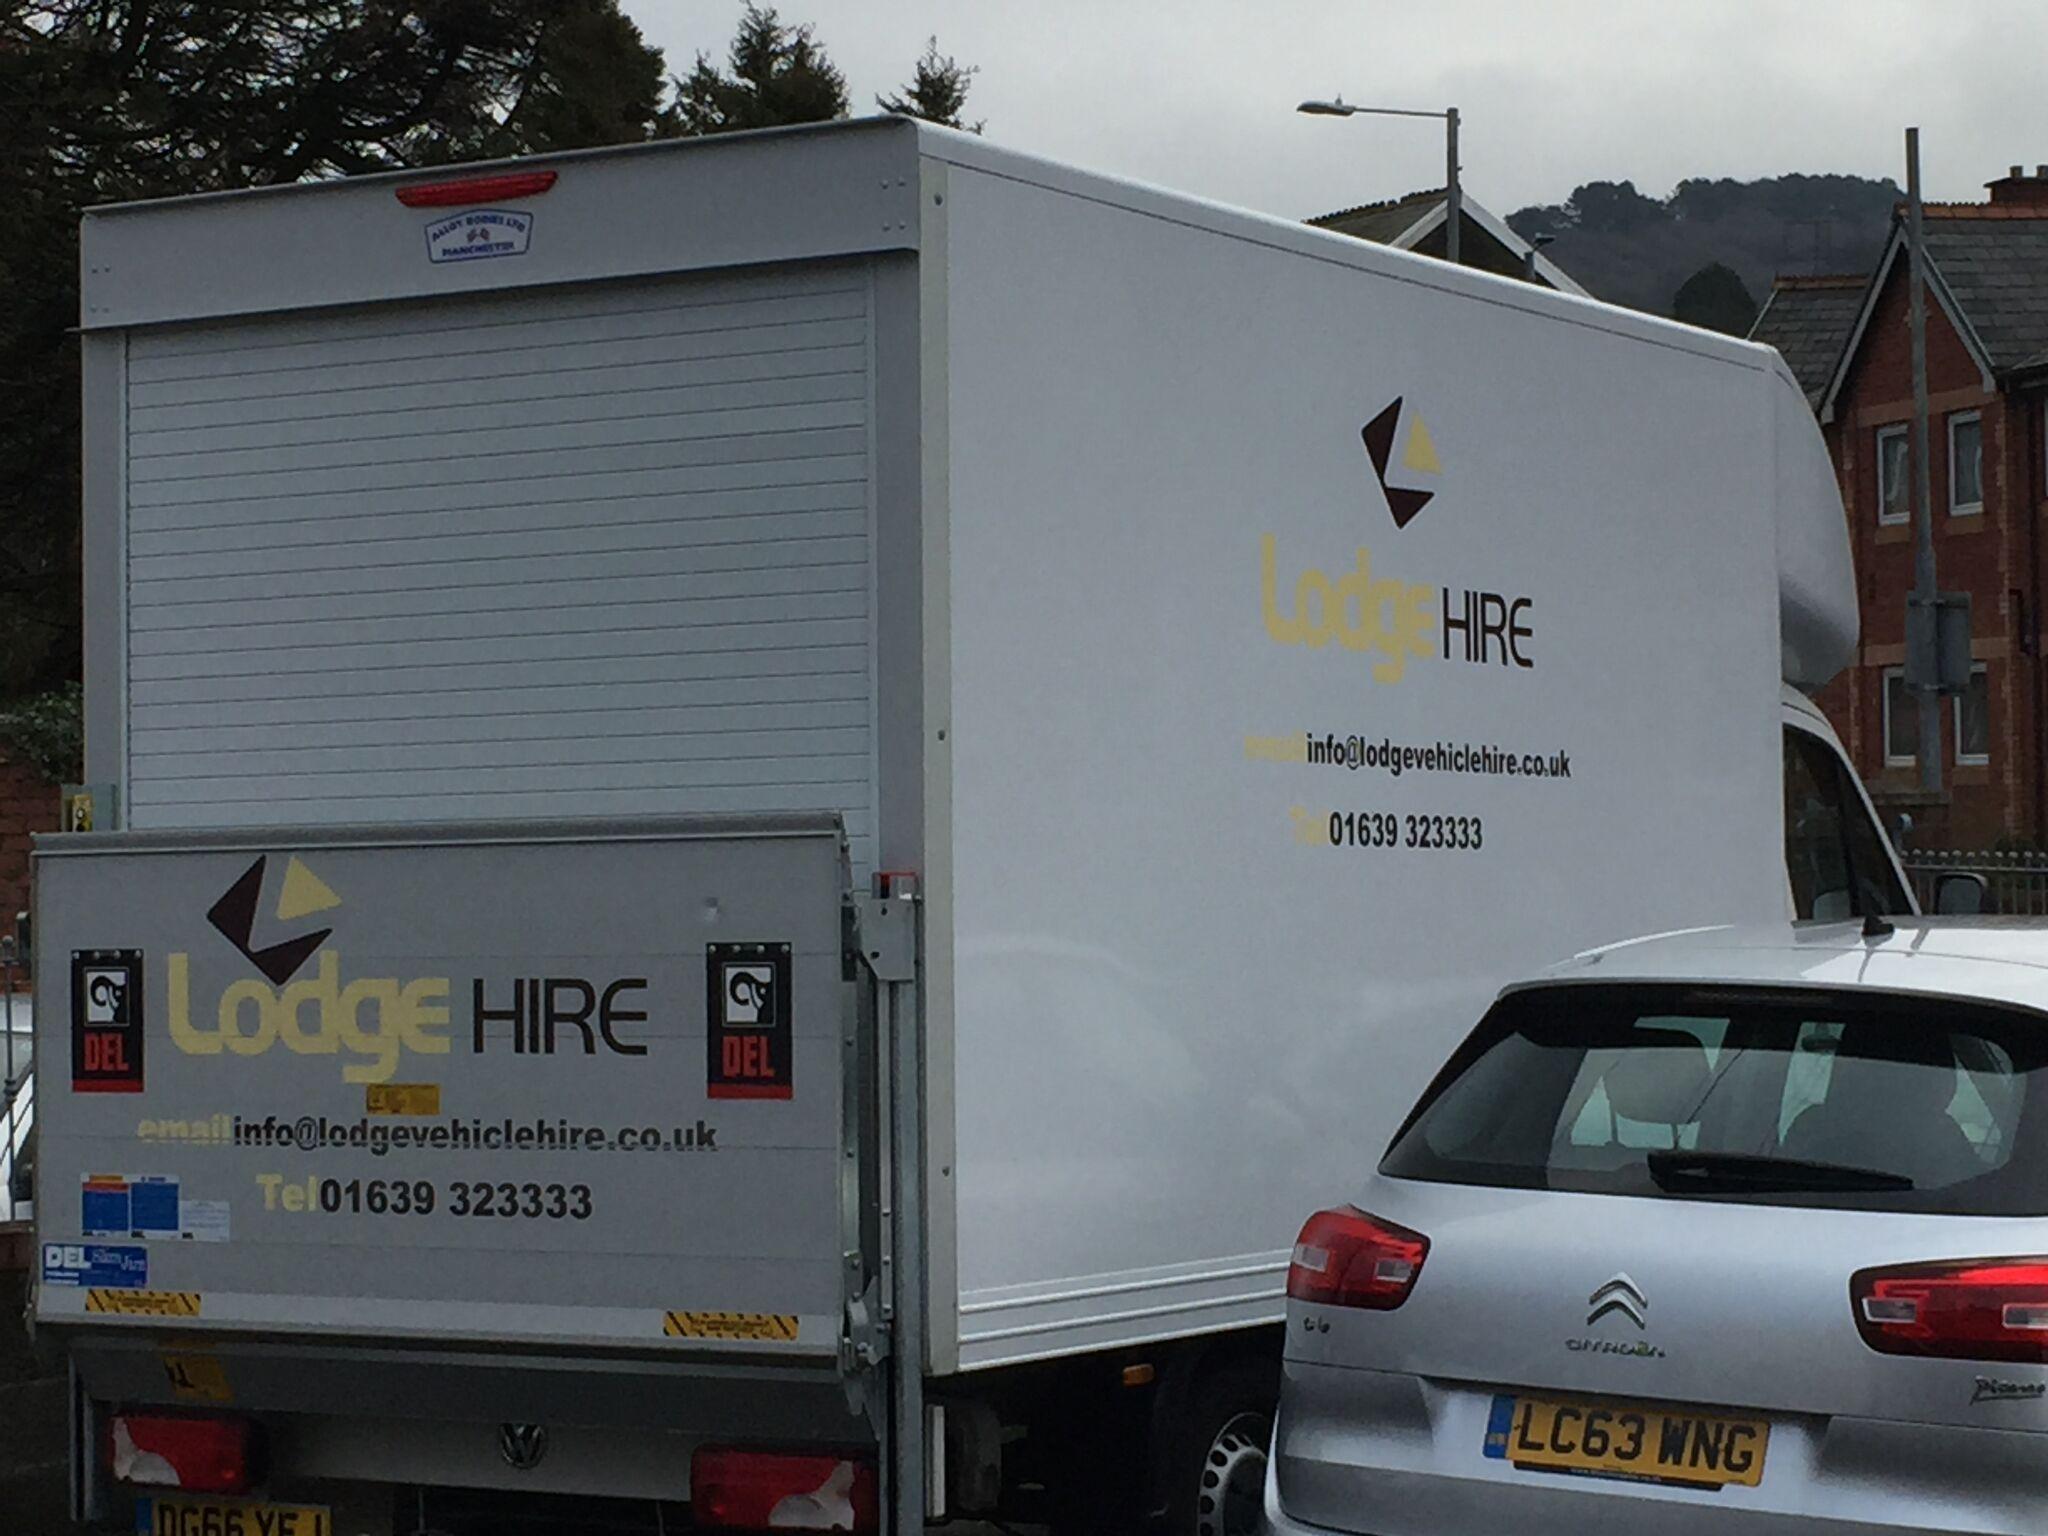 Van rental Neath, Car hire neath, car leasing, van lease, van hire neath, lodge vehicle hire, lodge vehicles,